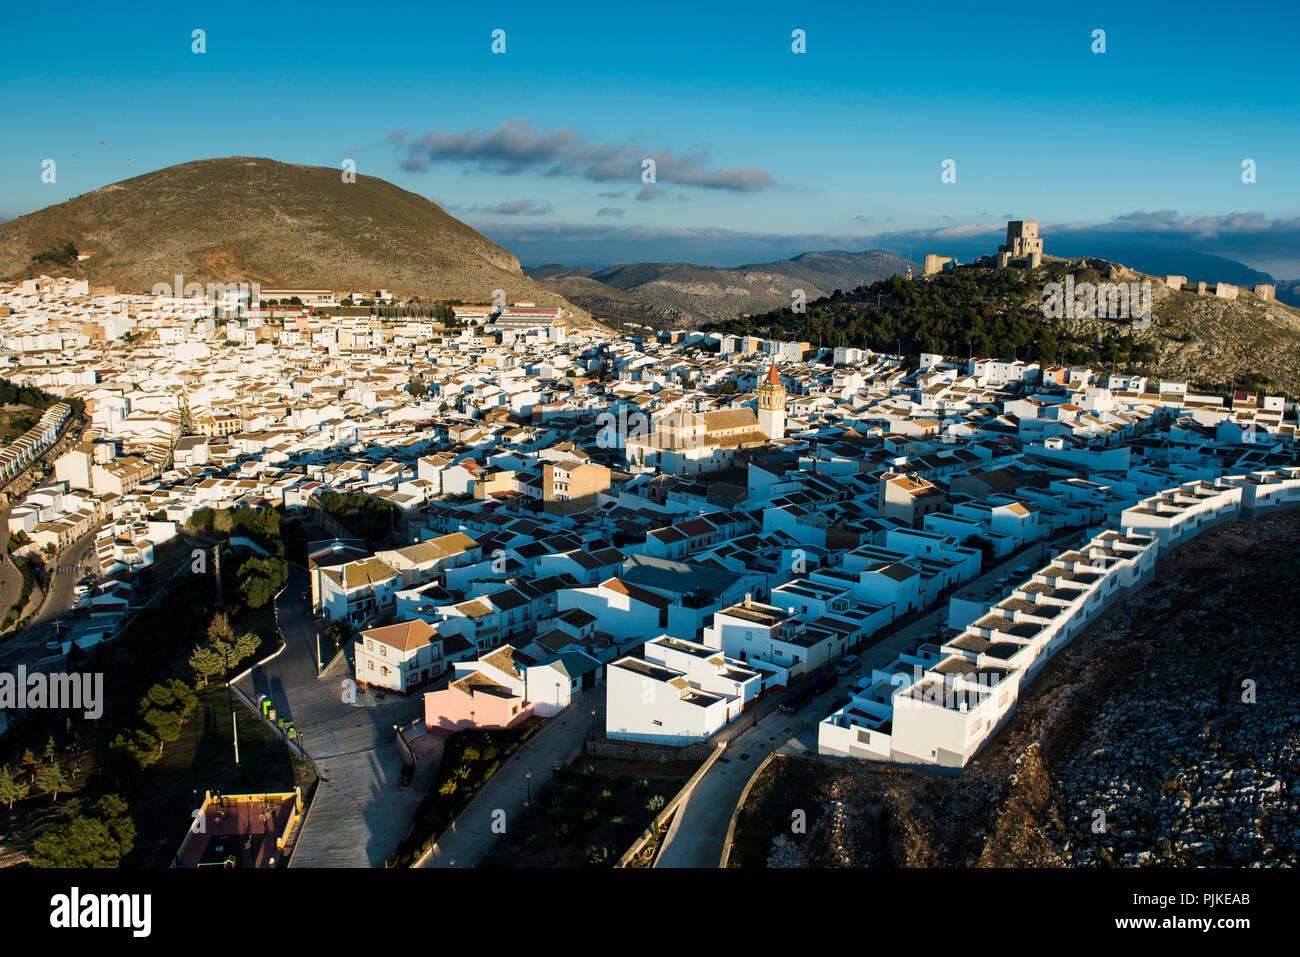 White Città Vecchia e il castello di Teba in Andalusia, vista aerea, provincia di Malaga, Spagna Immagini Stock